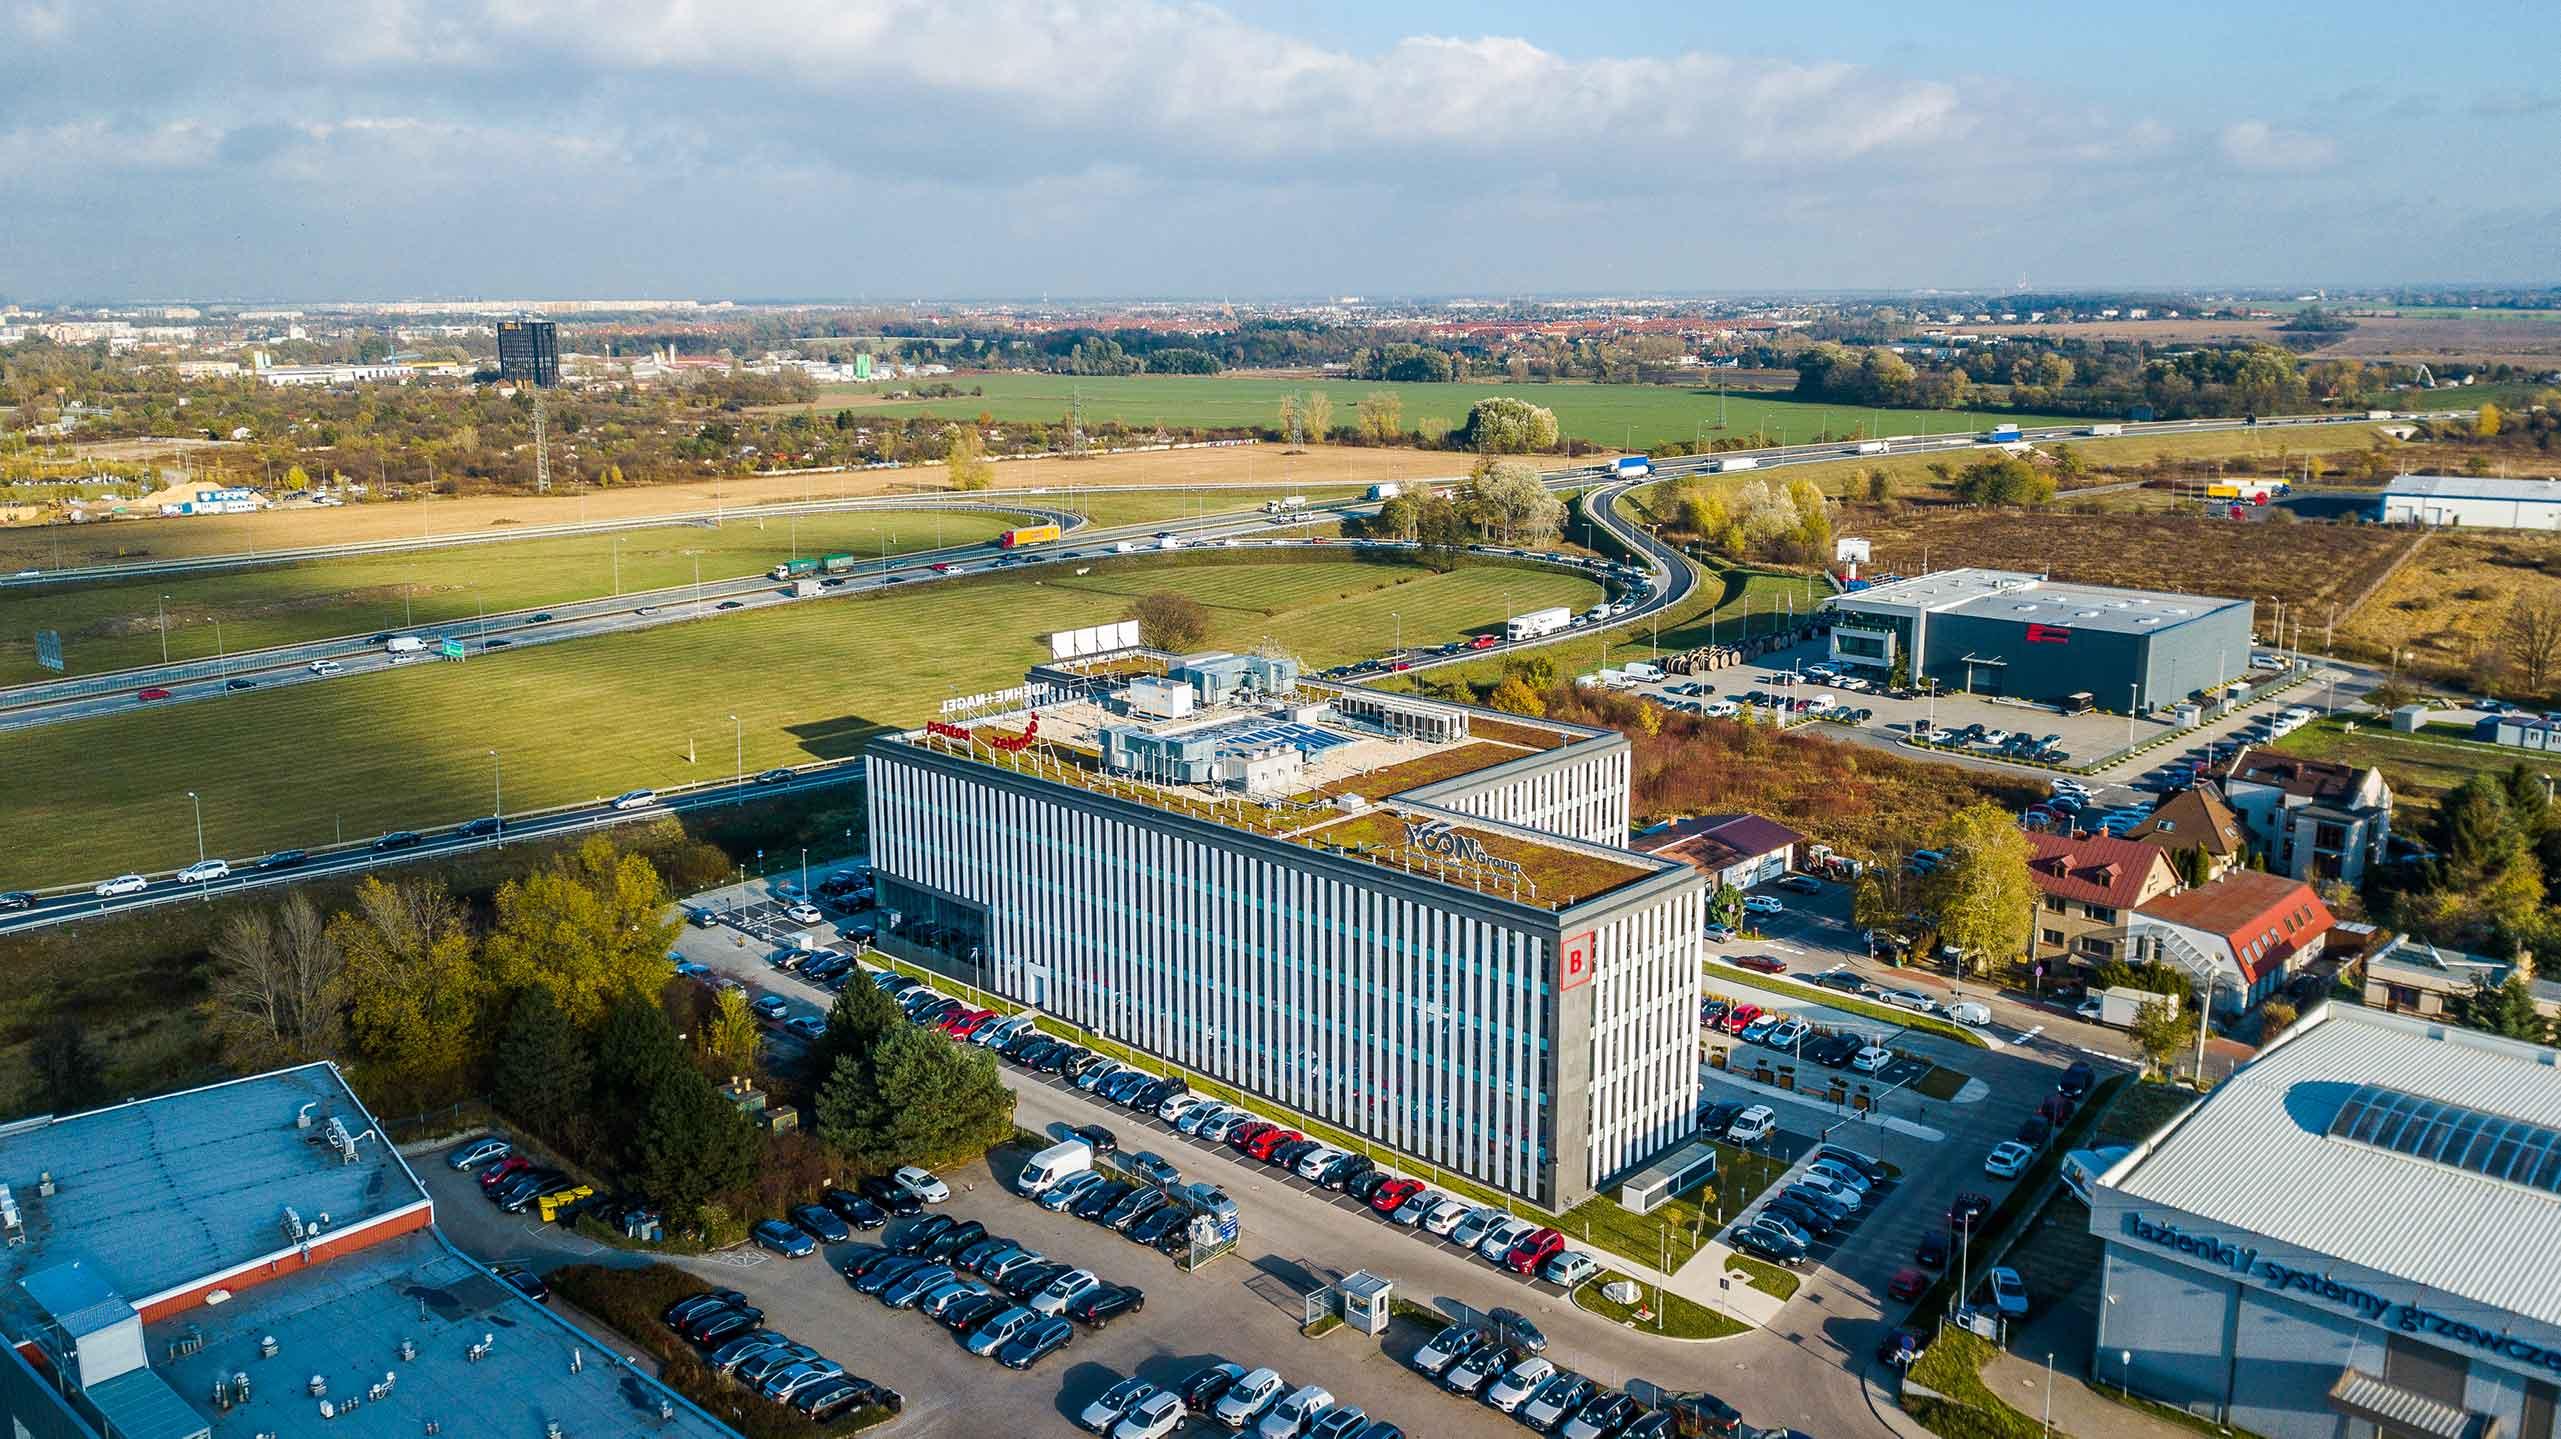 Dogodna lokalizacja biurowca na obrzeżach Wrocławia i przy autostradzie A4